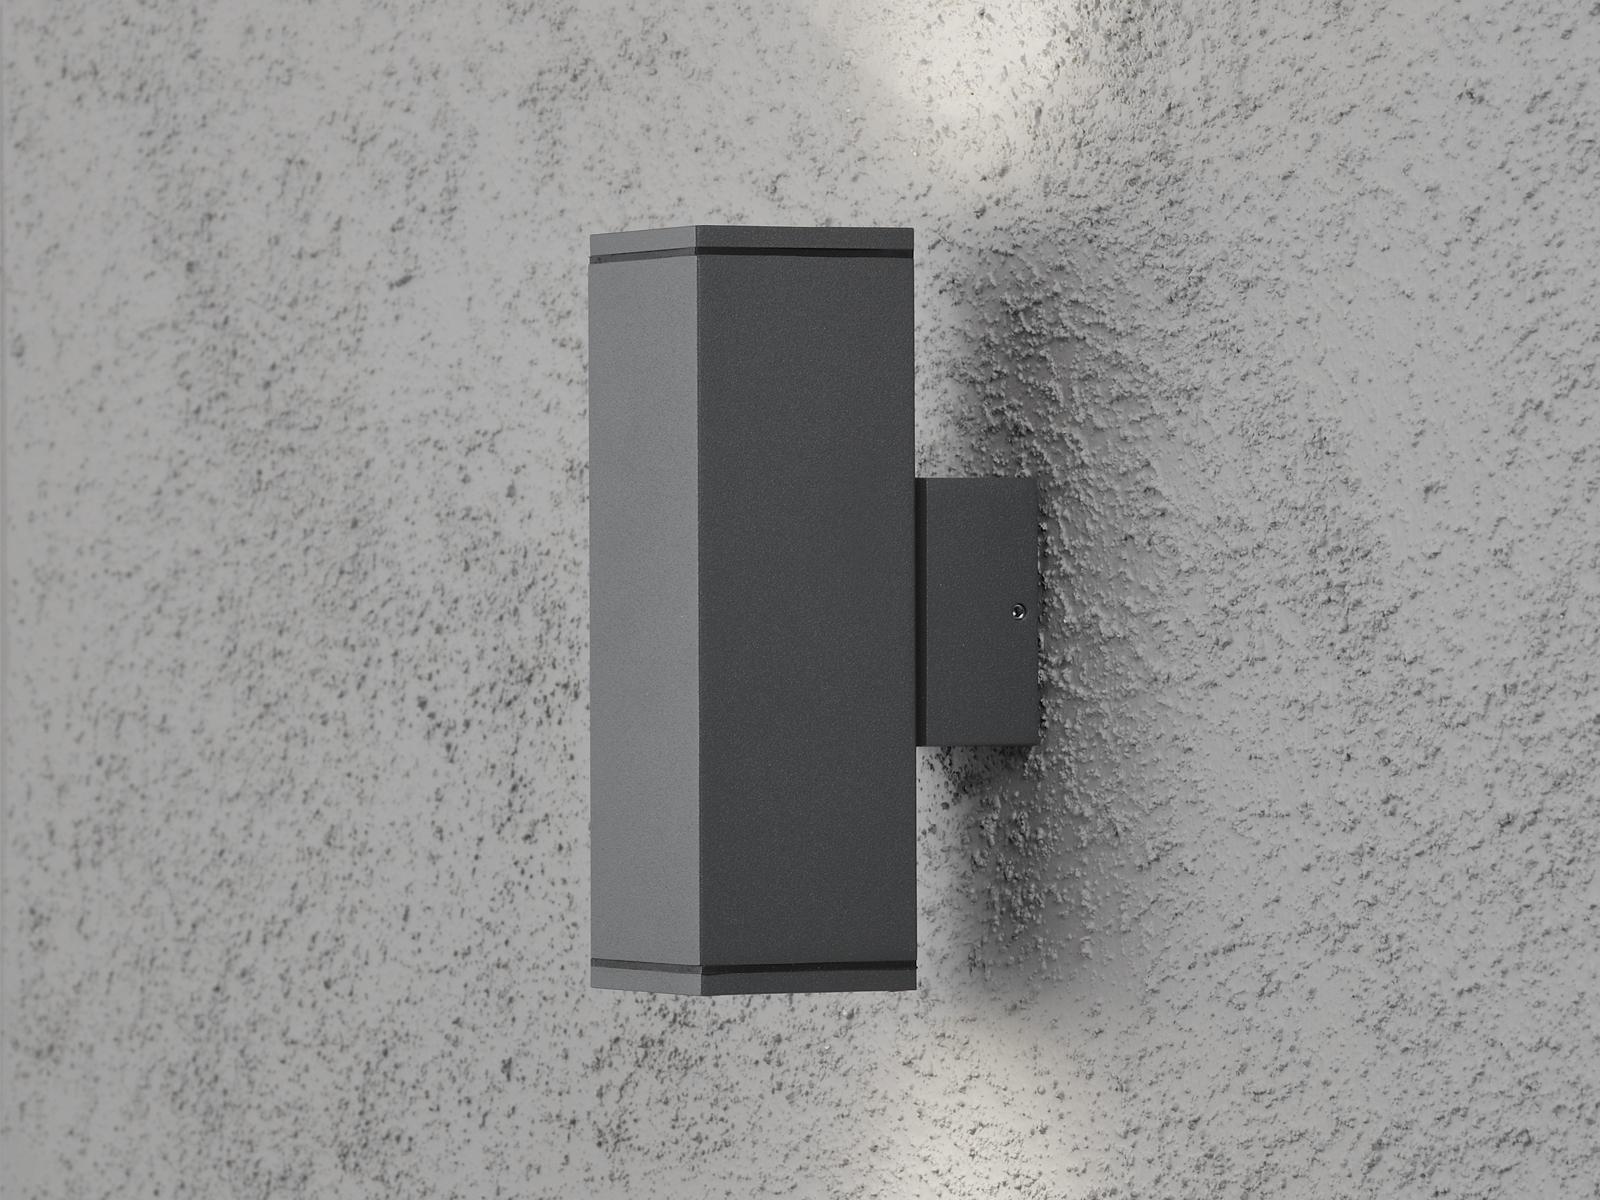 Wandleuchte außen anthrazit Up Down-light GU10-Fassung H. H. H. 20 cm IP44 Wegelicht 55ffdb